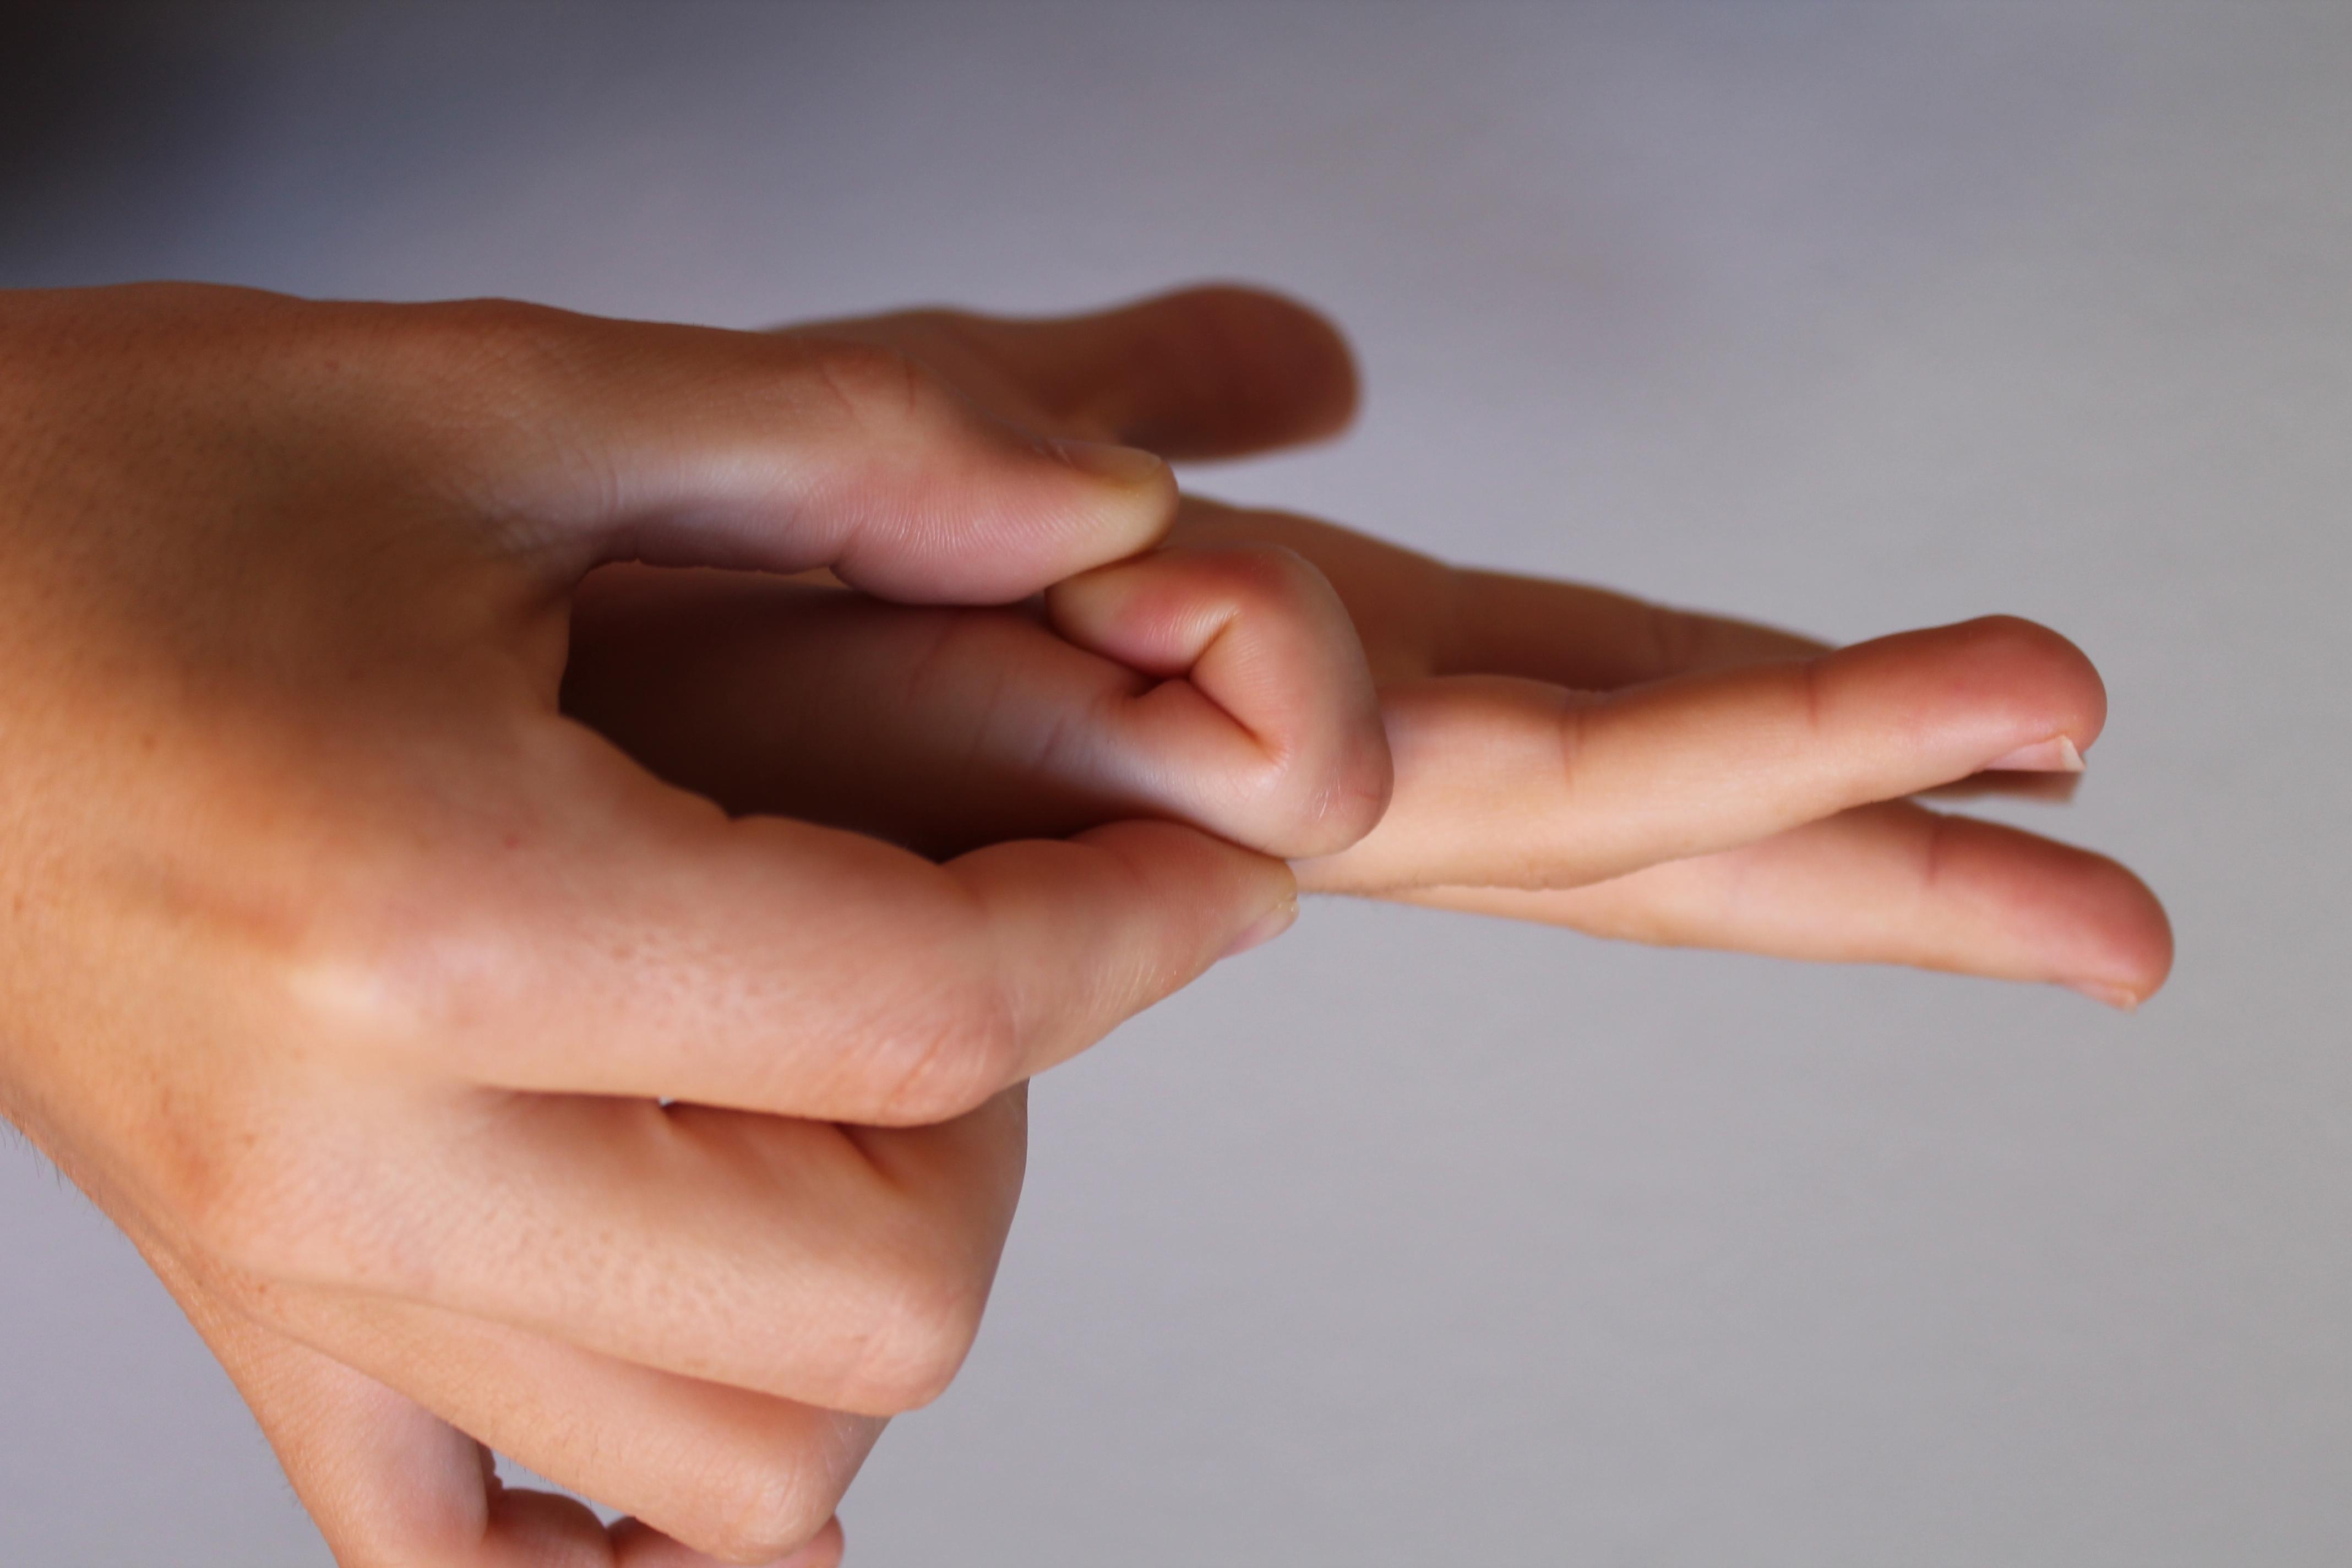 bulto en el dedo pequeno de la mano